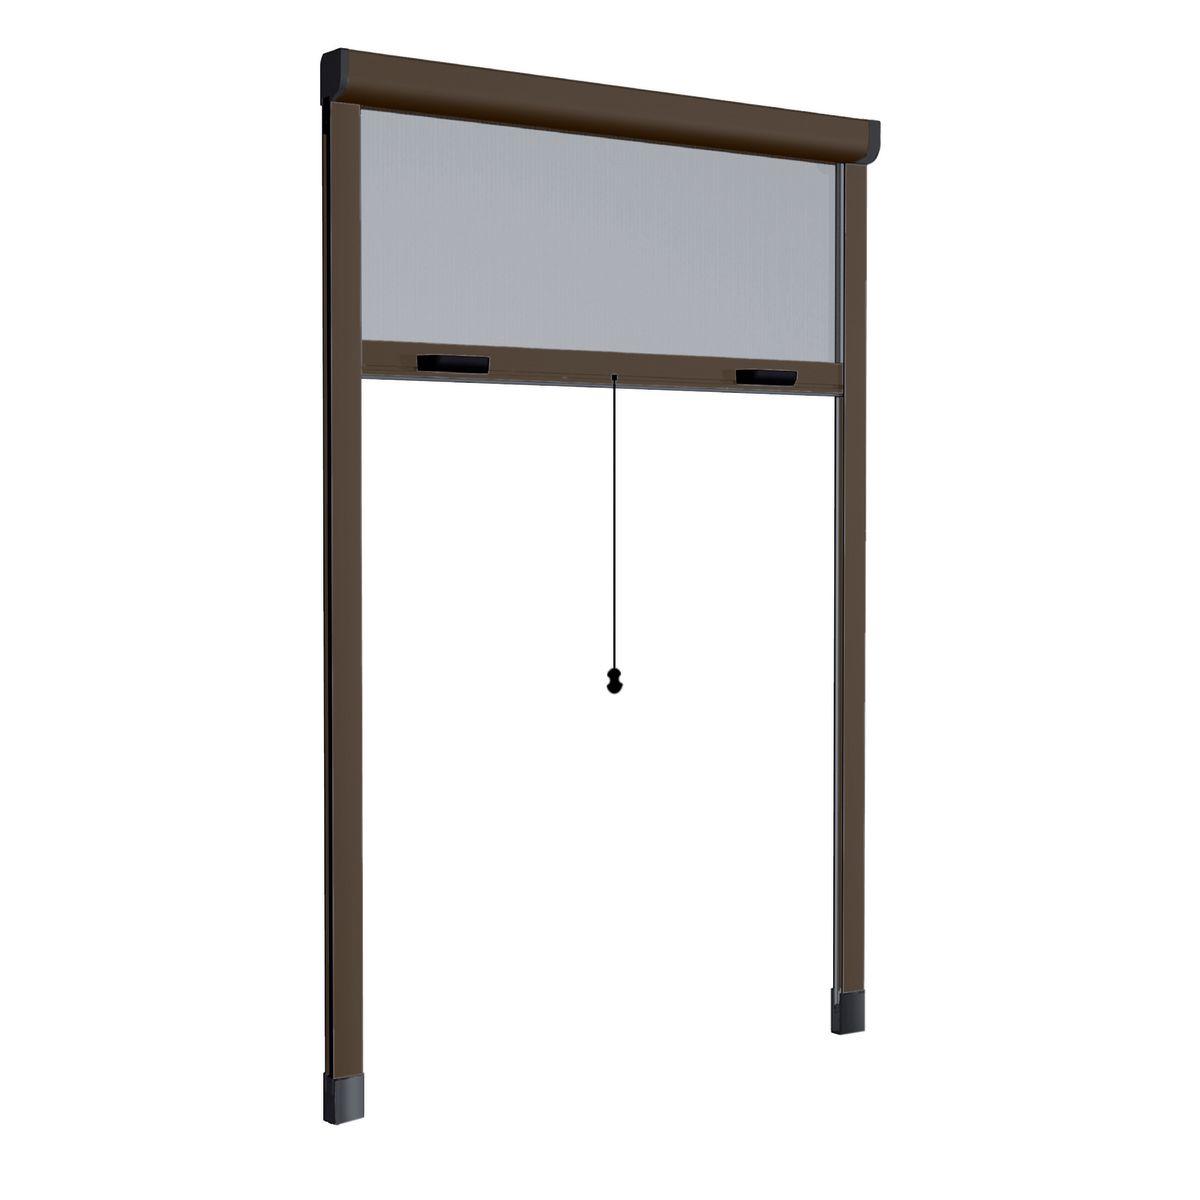 Zanzariere ikea finestre elegant zanzariera plissettata sottile sicura e senza molla ideale per - Ikea zanzariere per finestre ...